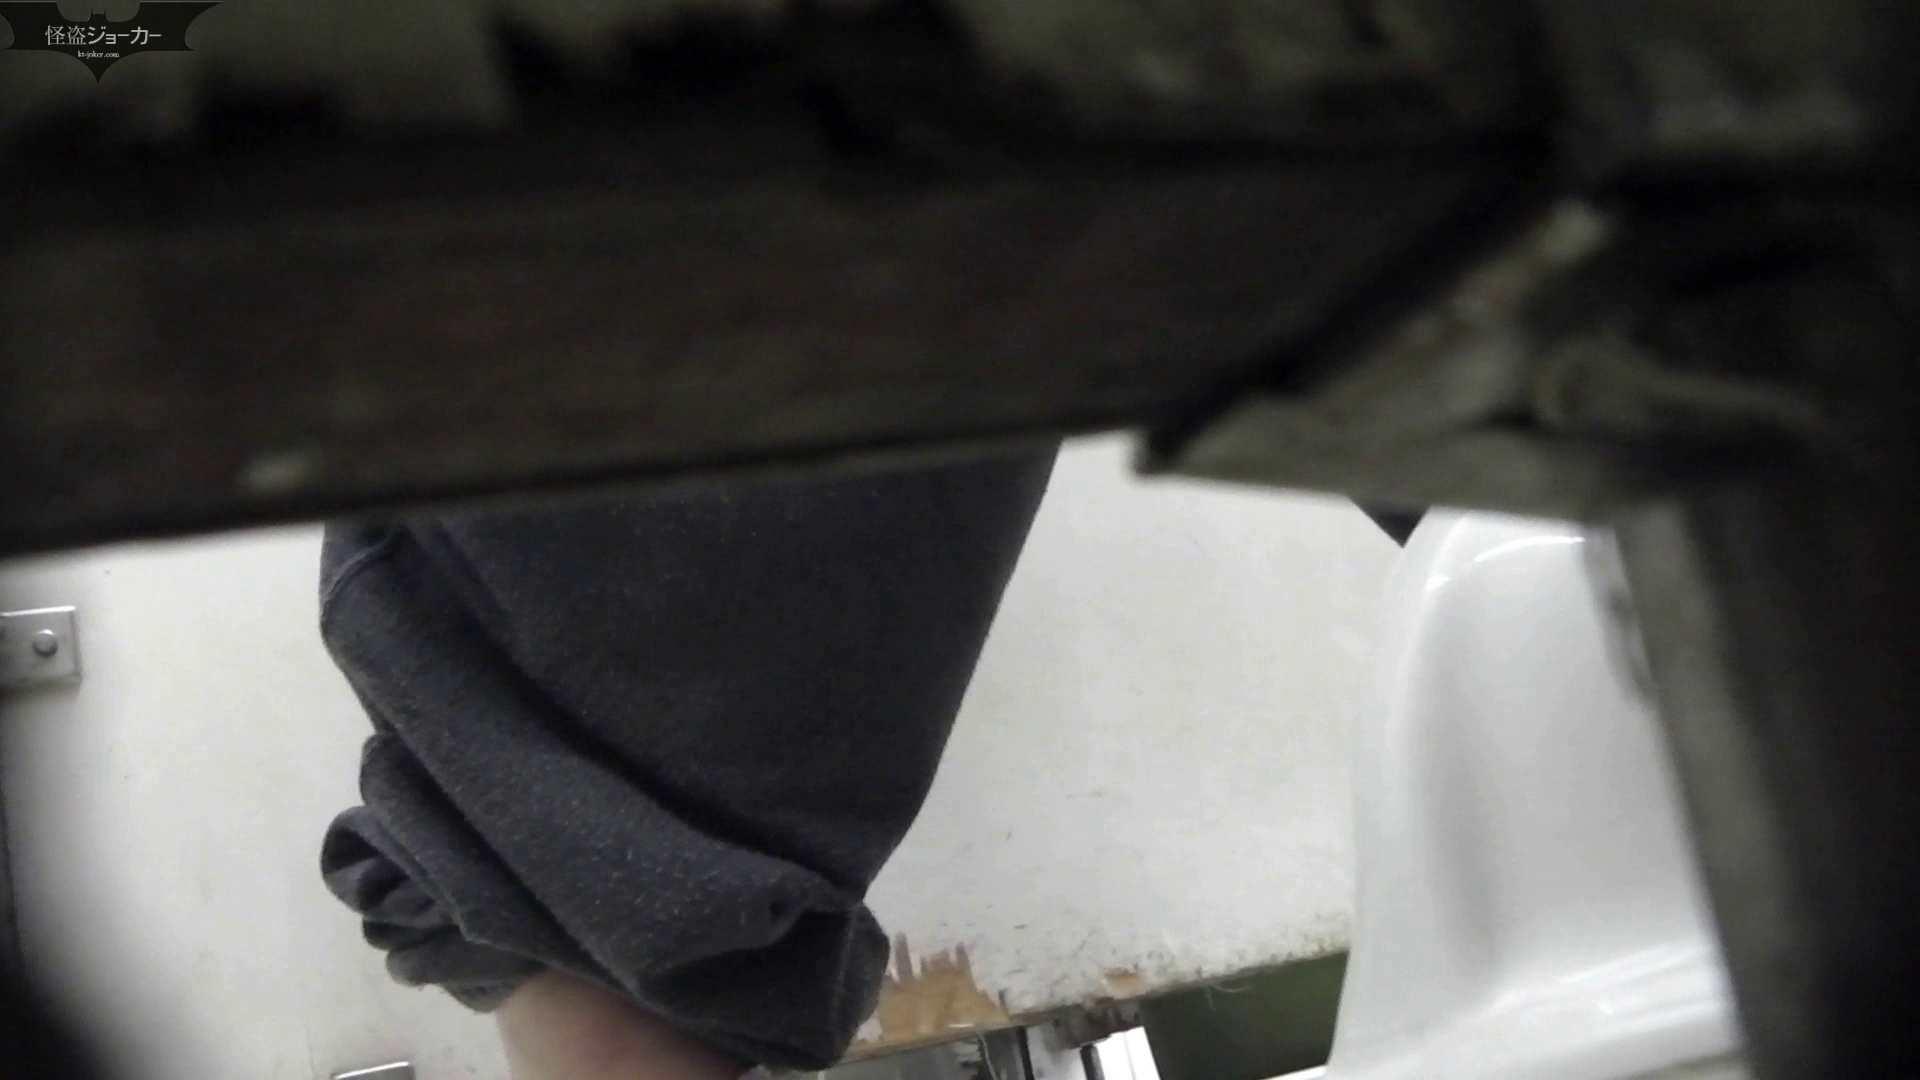 【美しき個室な世界】洗面所特攻隊 vol.051 洗面所着替え   OL  61連発 31